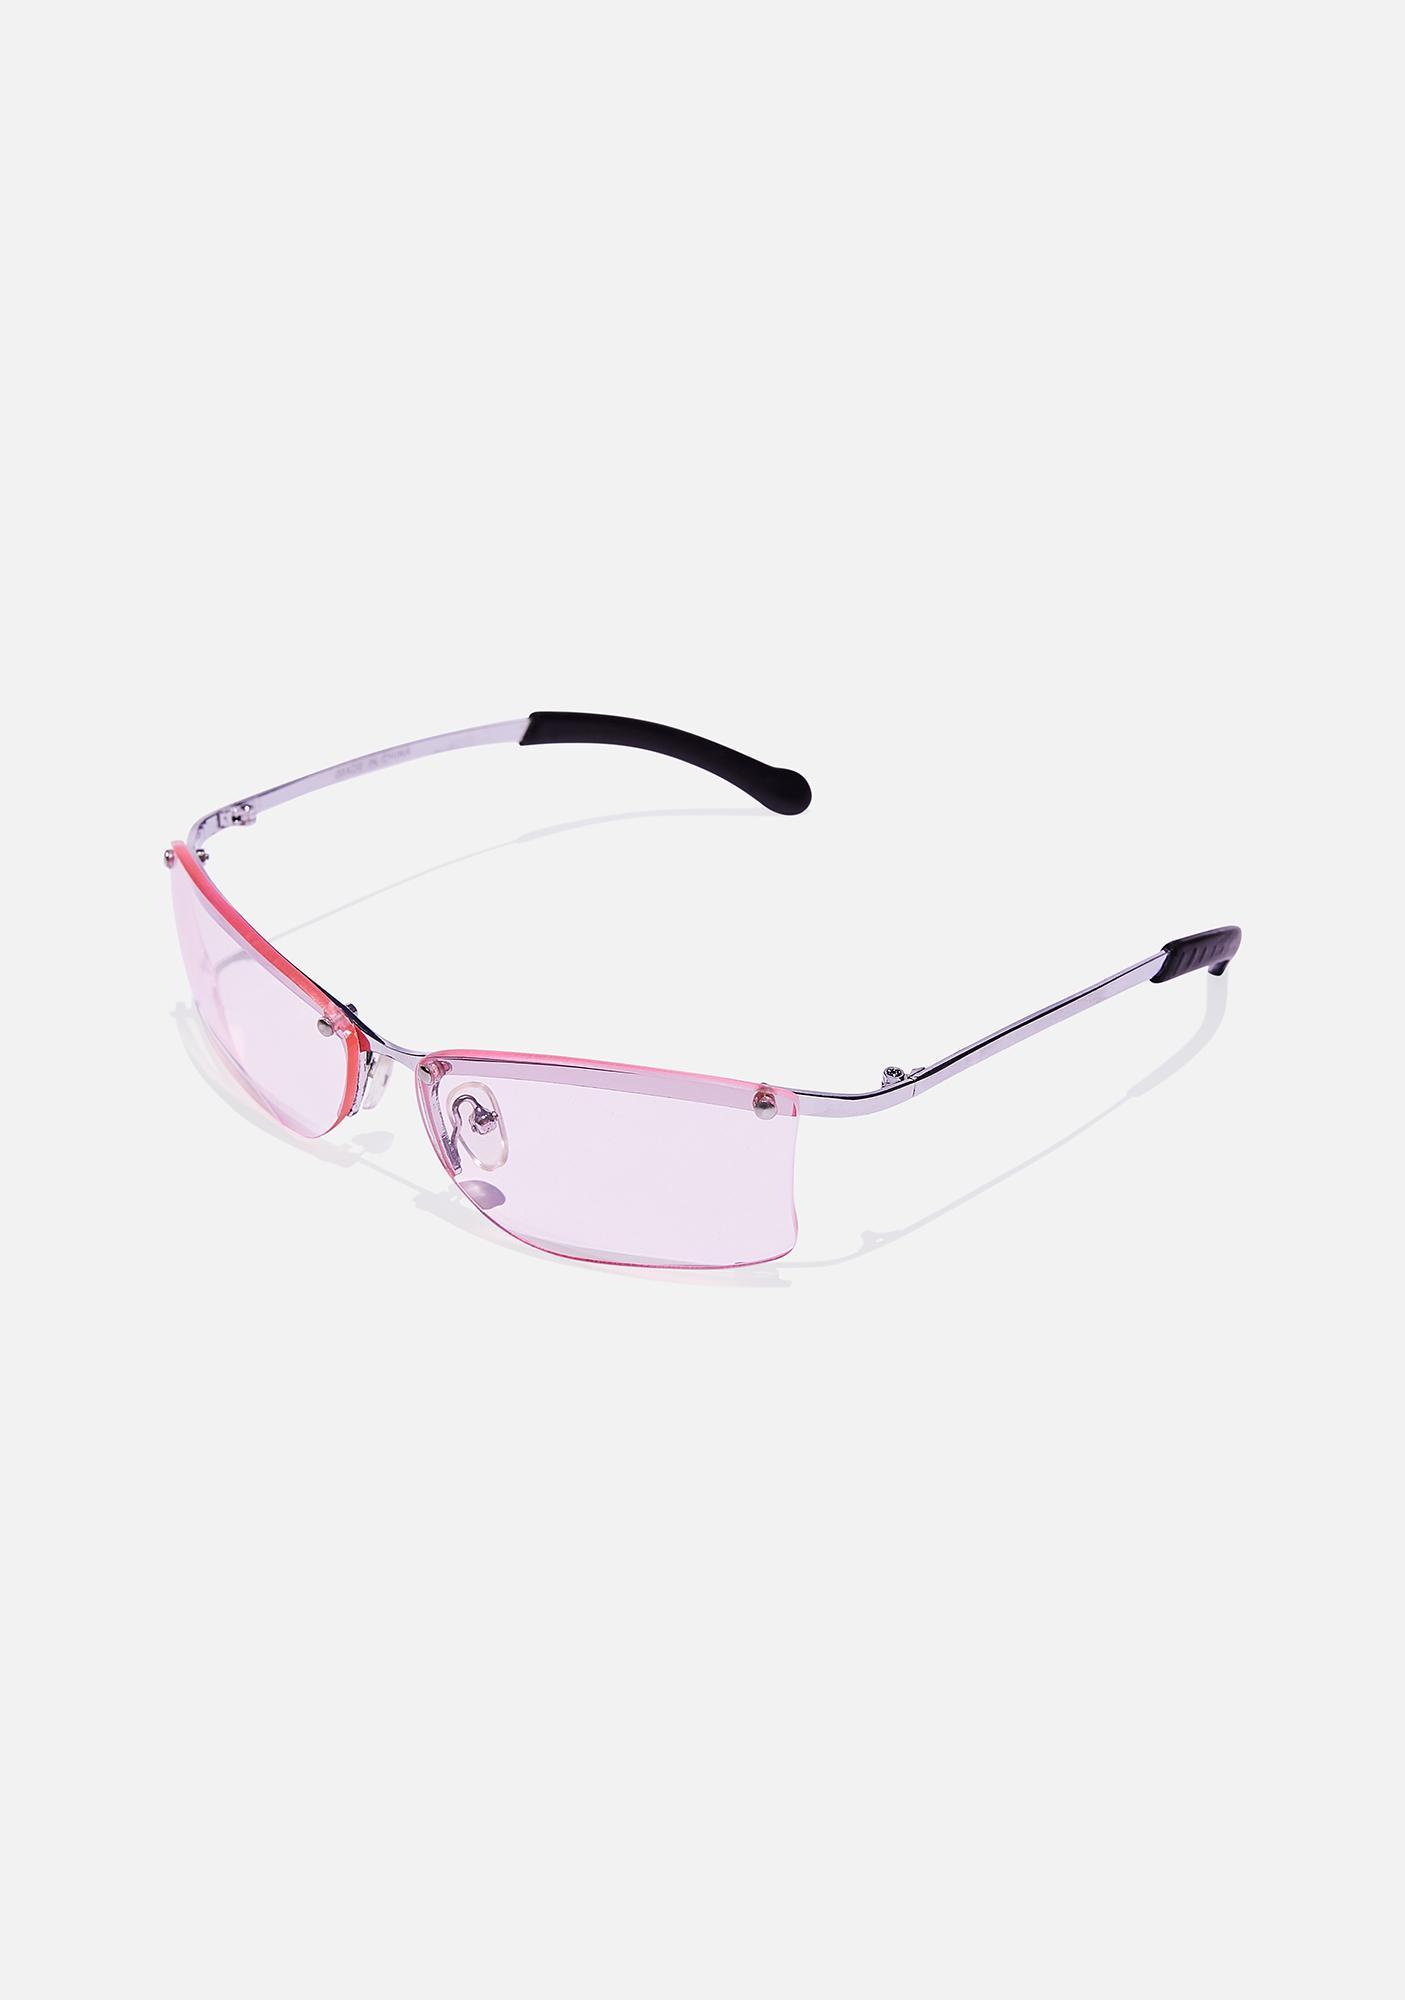 Good Times Eyewear Pink Ness Frameless Sunglasses